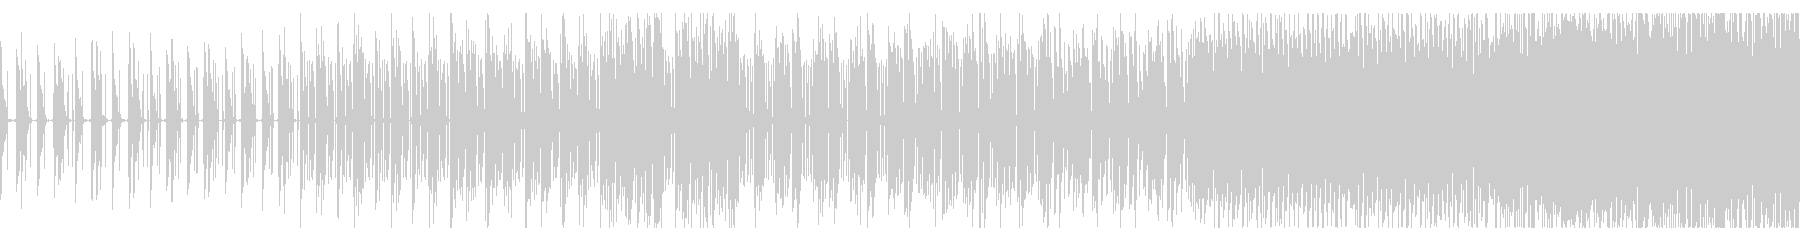 無機質でシンプルなテクノBGMの未再生の波形